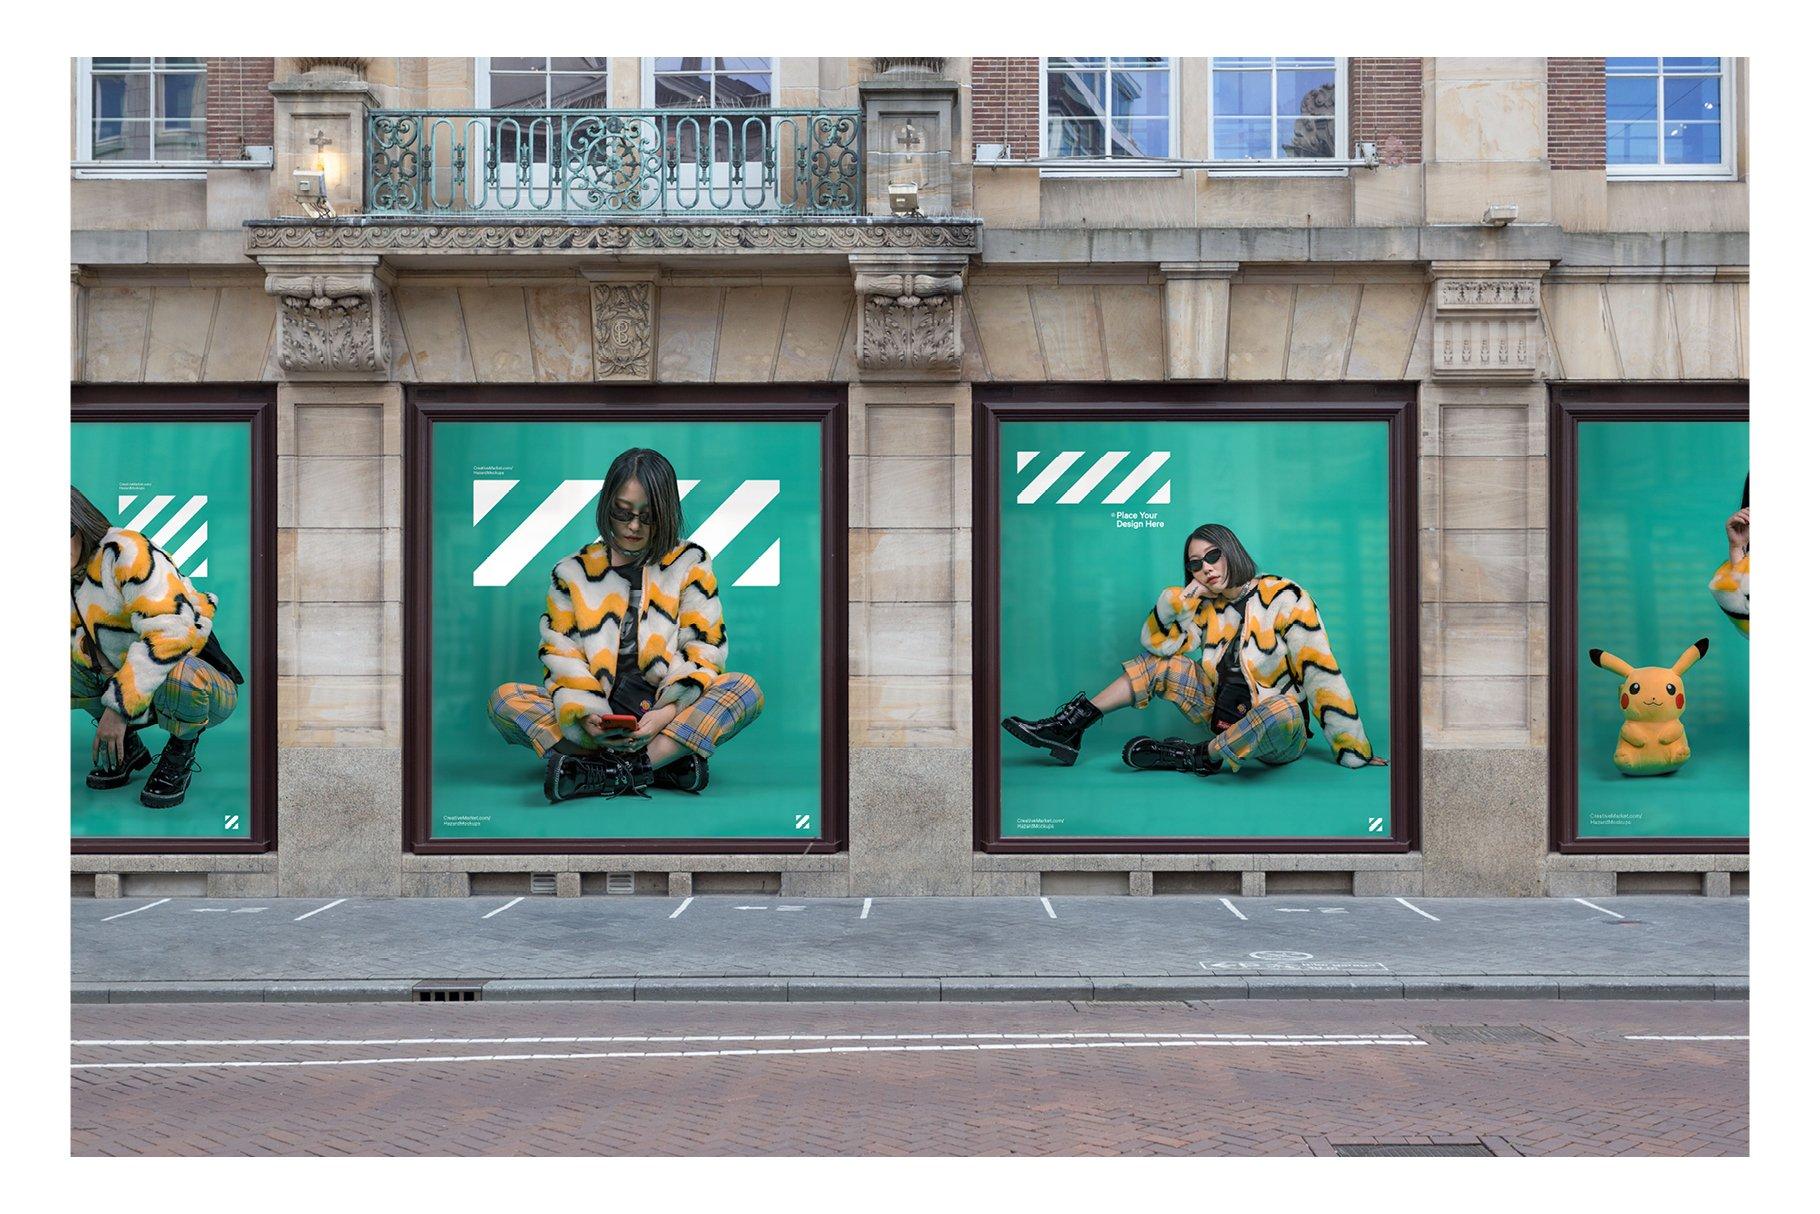 商店立面橱窗广告展示设计样机designshidai_yj412